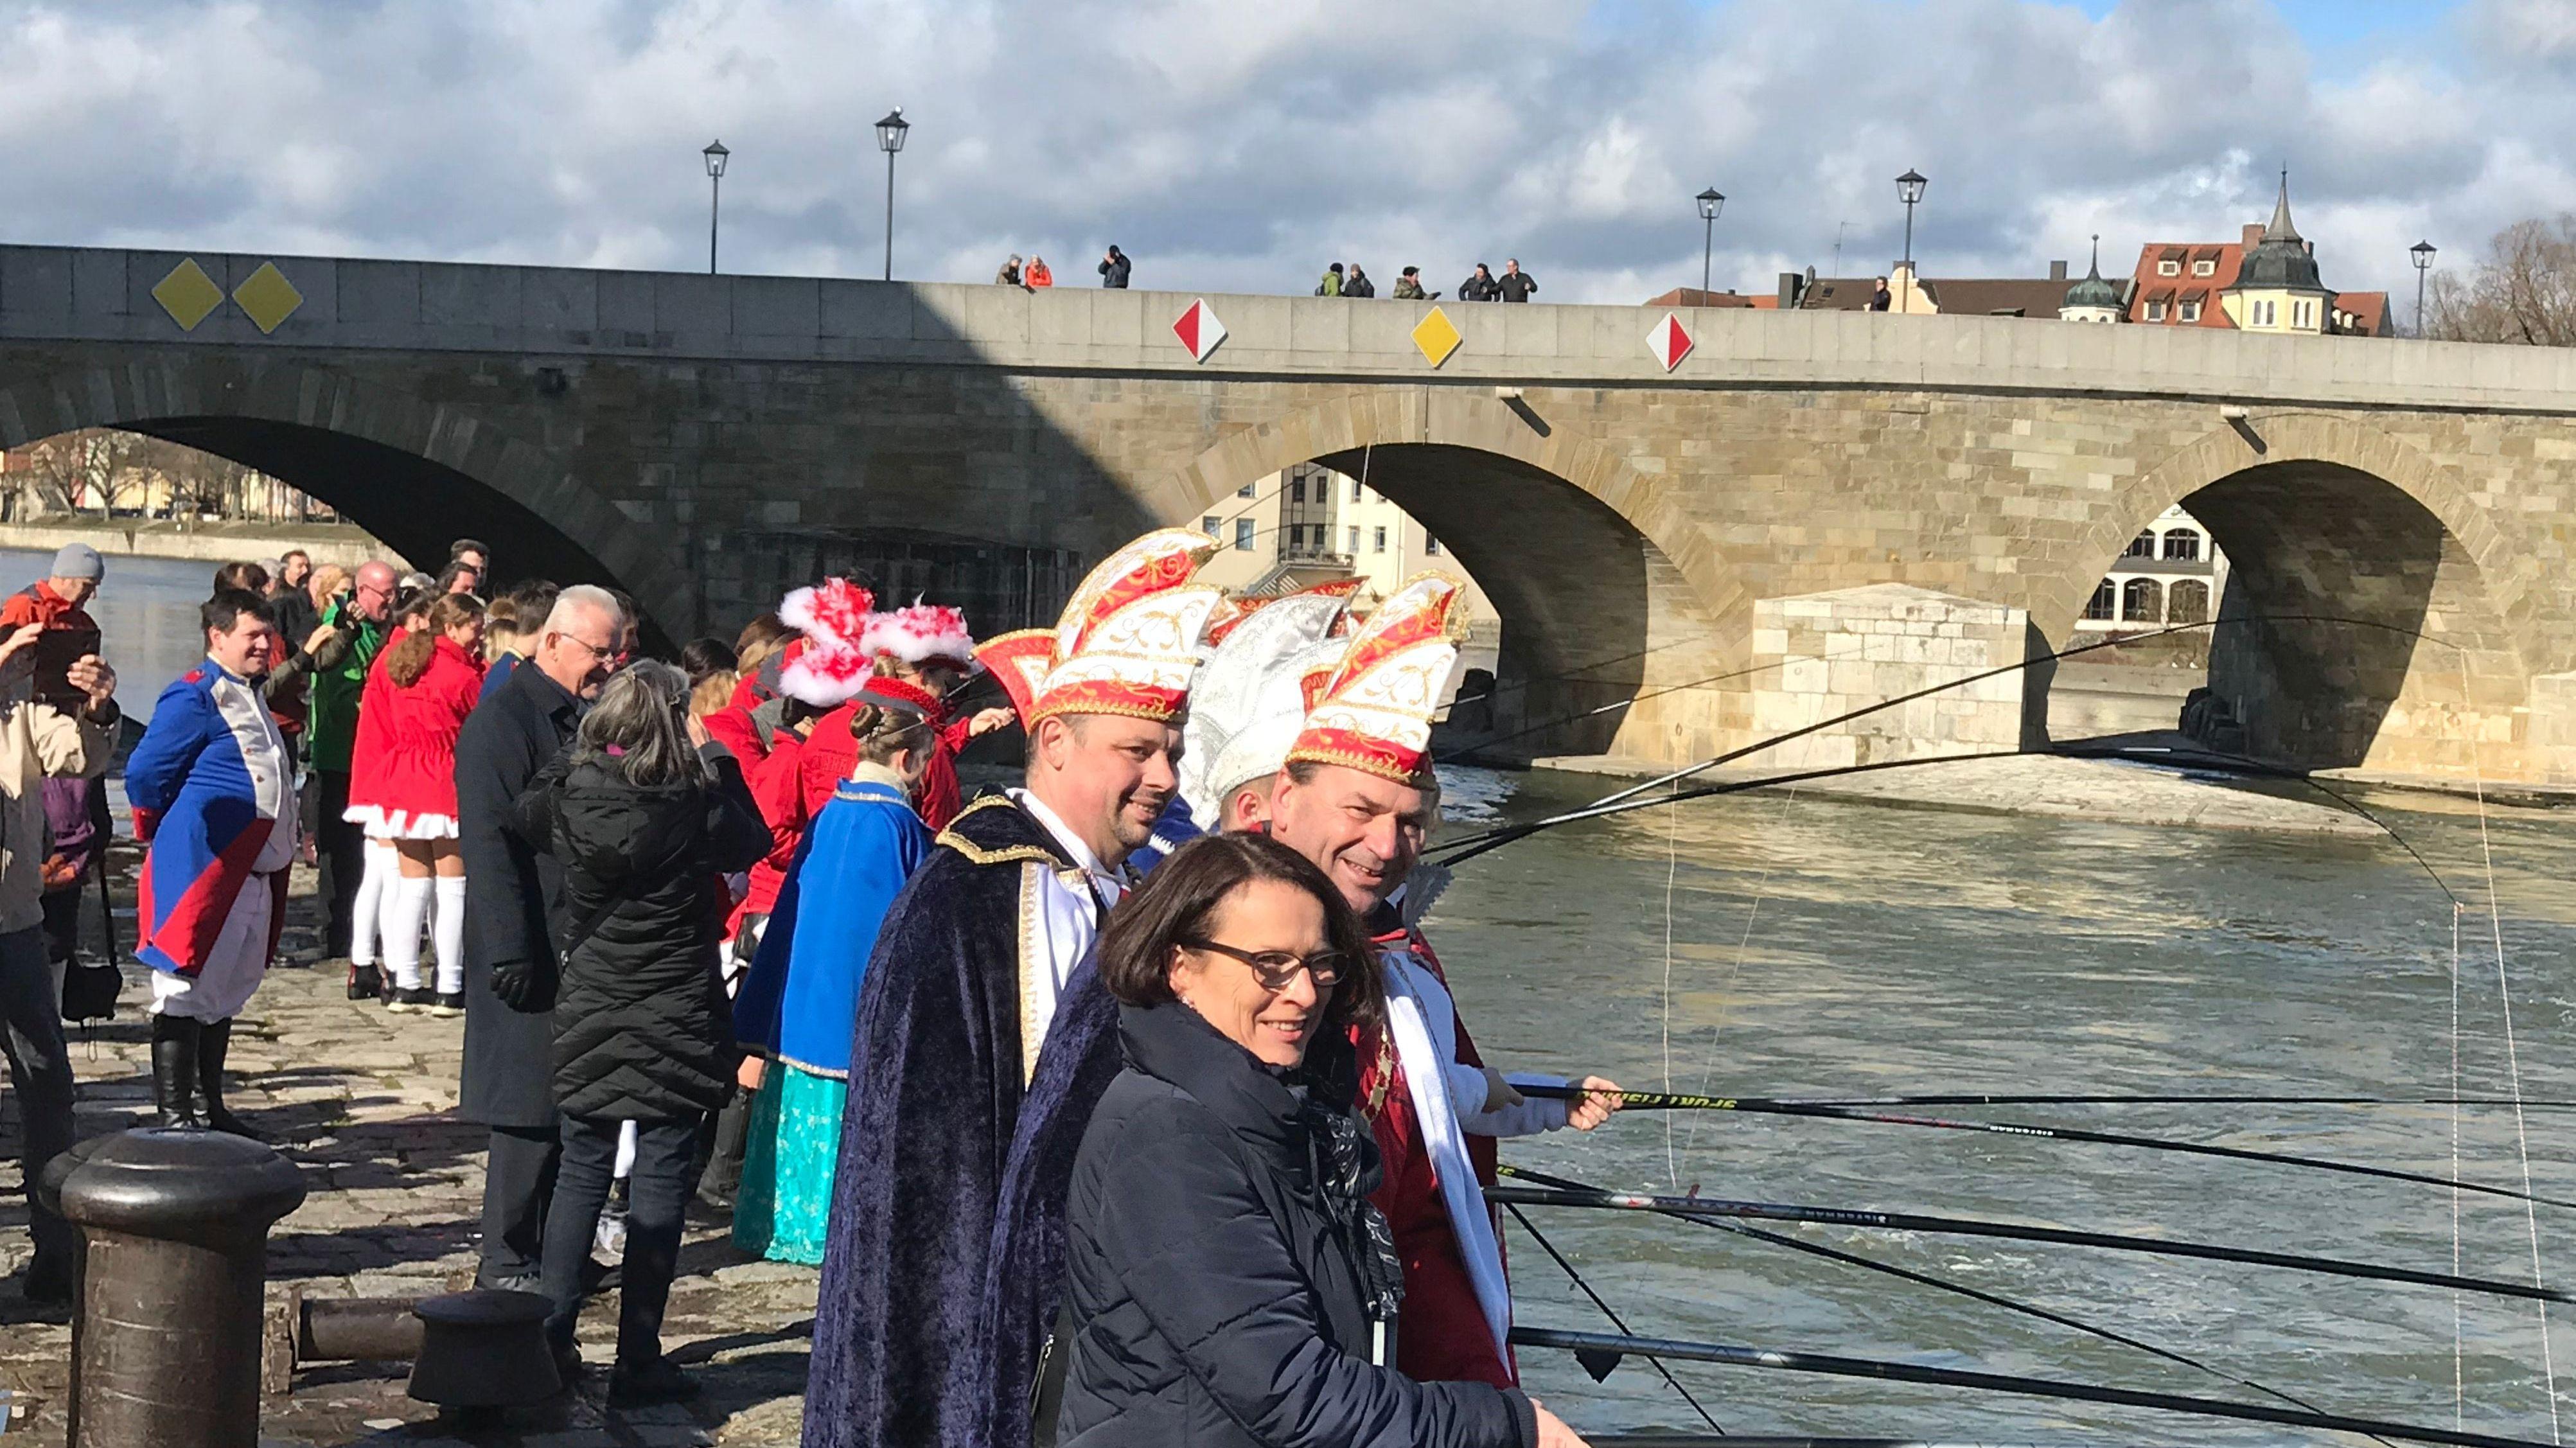 Narragonia Regensburg und Bürgermeisterin Maltz-Schwarzfischer beim traditionellen Geldbeutelwaschen